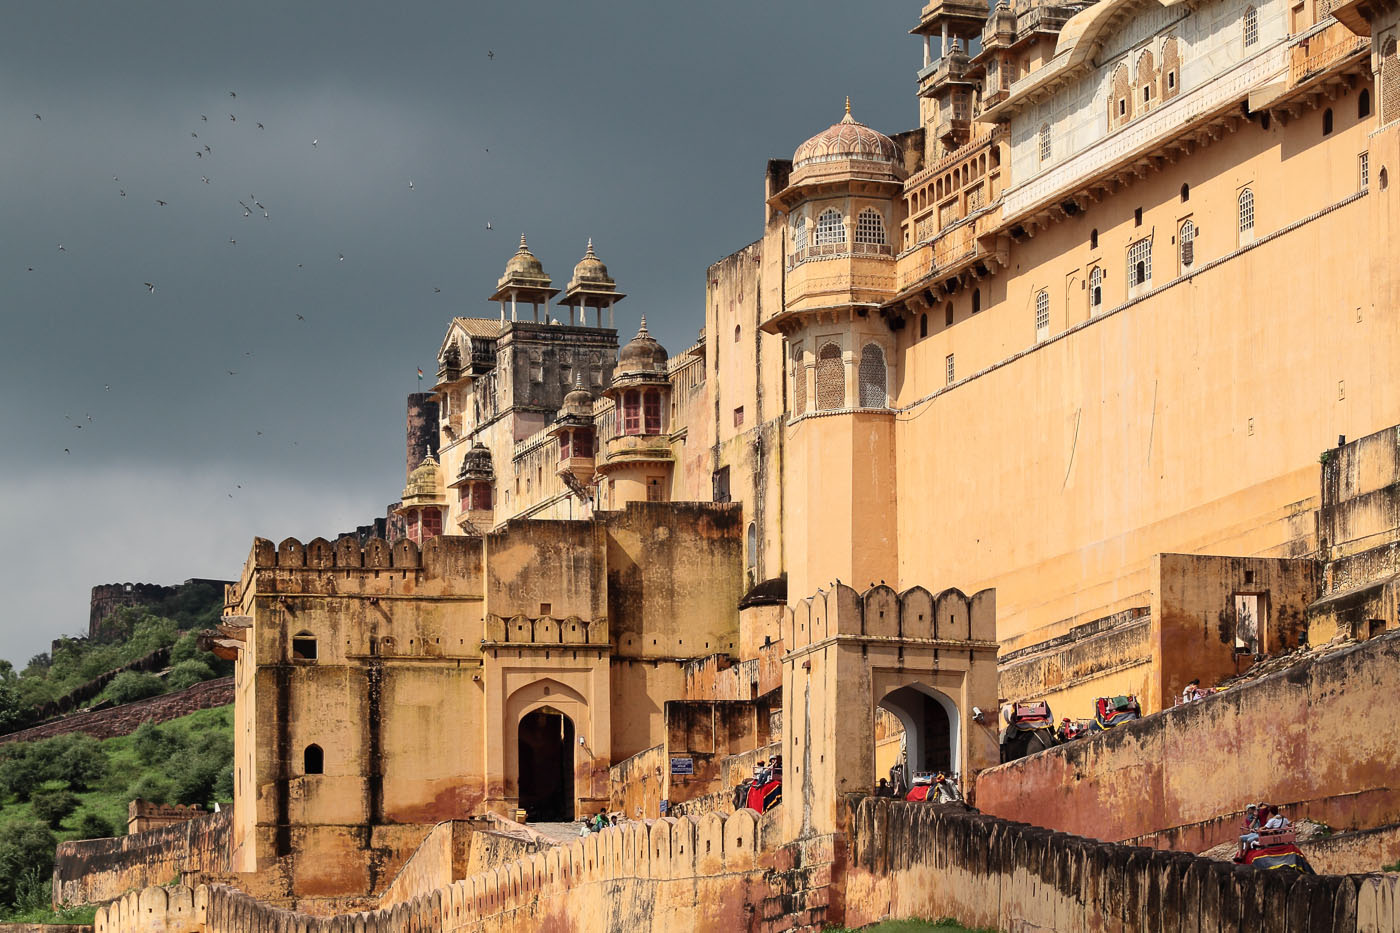 Фото 7. Зловещий Форт Амбер в Джайпуре. Рассказы о путешествиях в Индию.